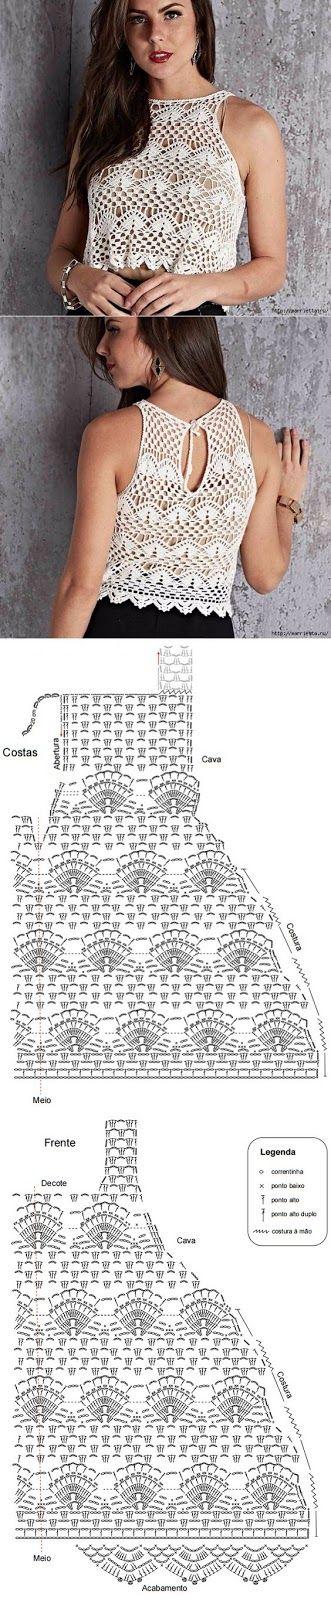 Delicadezas en crochet Gabriela: Mantones | Tejidos crochet y tricot ...